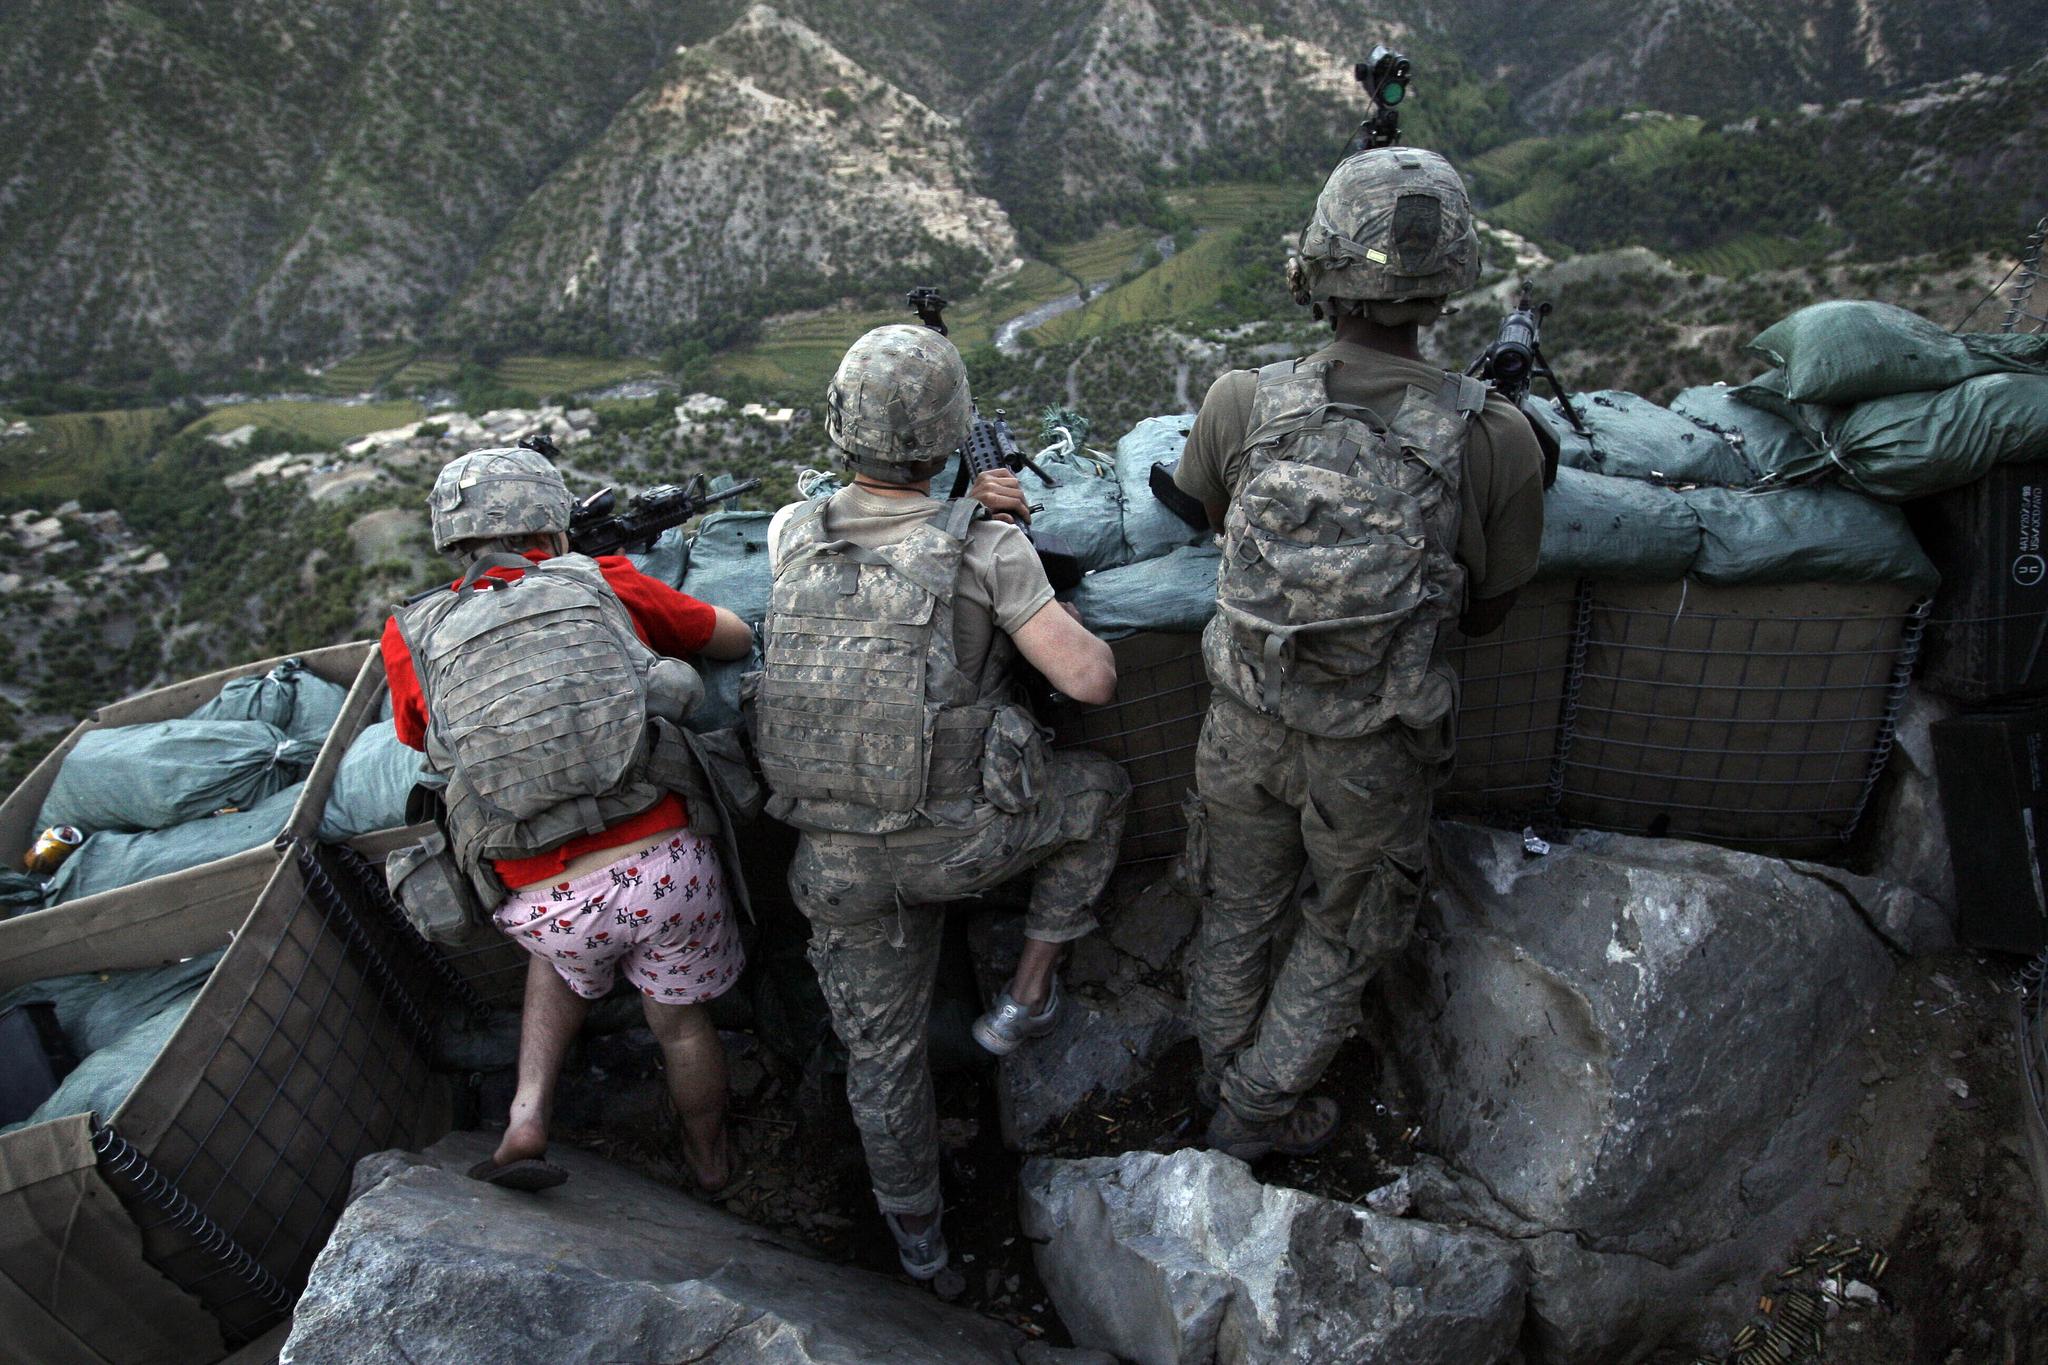 미 육군 보병이 2009년 5월 11일 아프가니스탄 쿠나르 주의 코렌갈 계곡 진지에서 탈레반의 사격을 받은 뒤 경계를 하고 있다. 미국 포트 워스 출신의 자카리 보이드 병사(왼쪽)은 잠을 자다가 황급히 전투에 투입되면서 미처 바지를 입지 못했다. 팬티의 무늬는 'I love NY' 이다. AP=연합뉴스